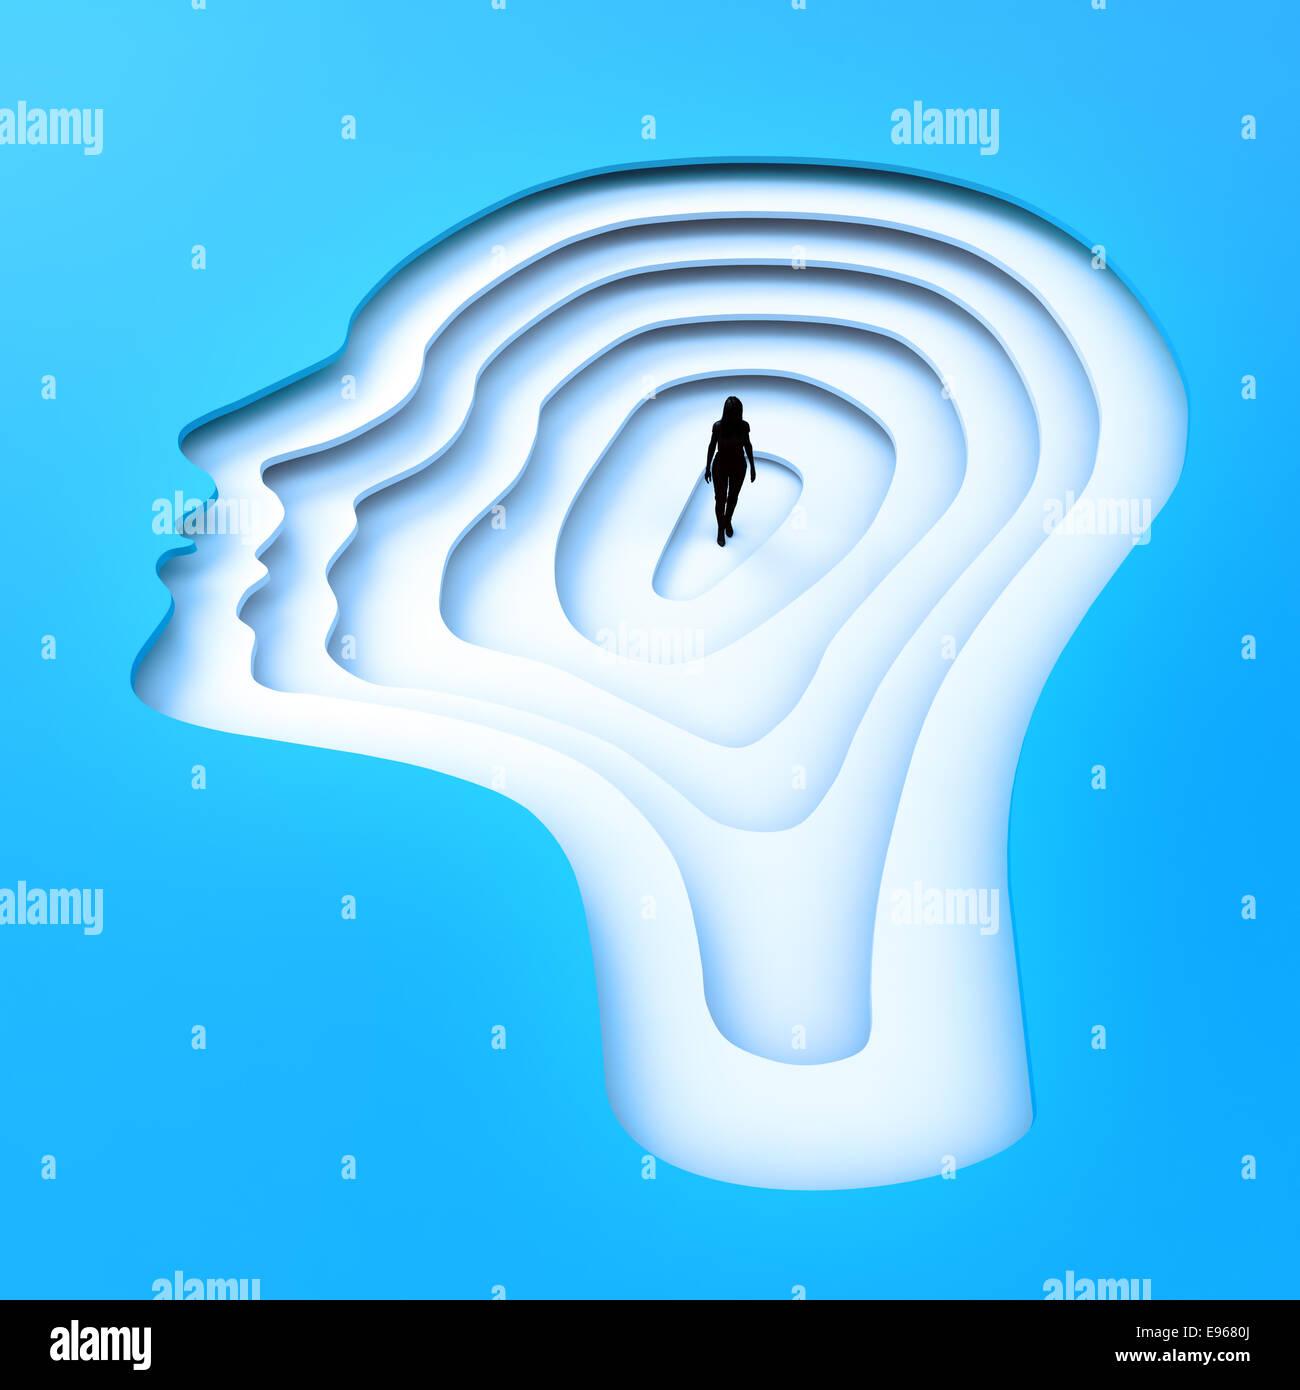 Piccola persona in piedi all'interno di una testa femminile di silhouette. Immagini Stock